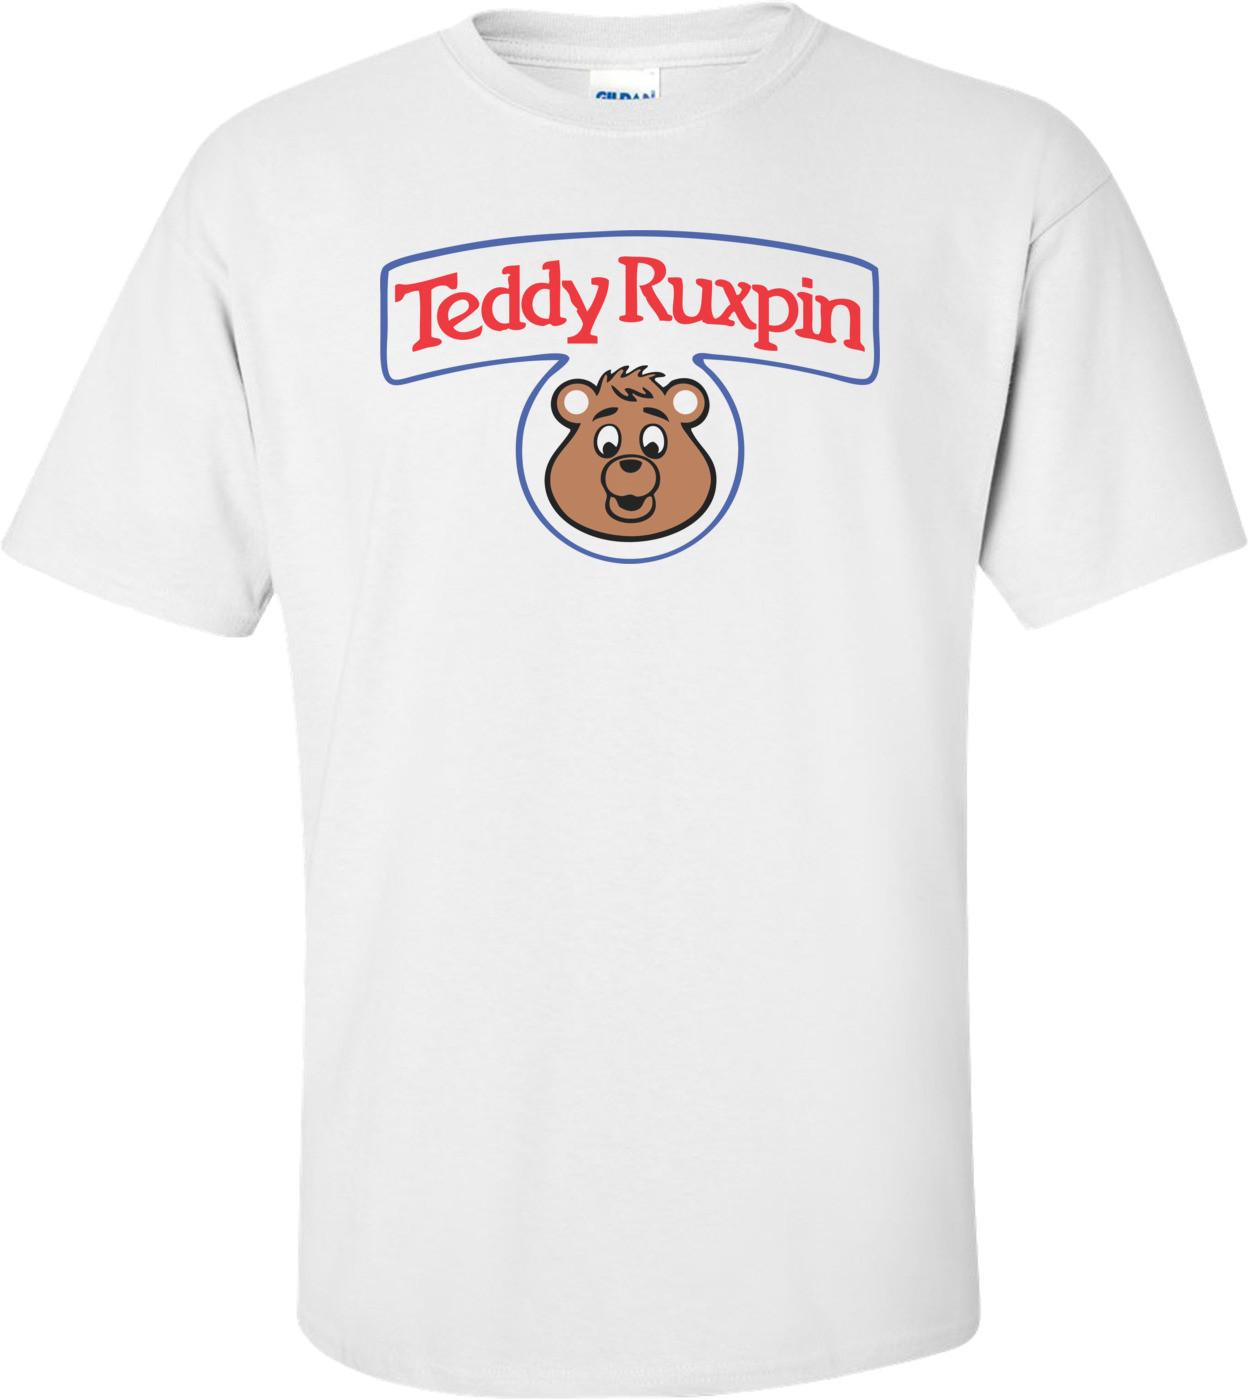 Teddy Ruxpin T-shirt